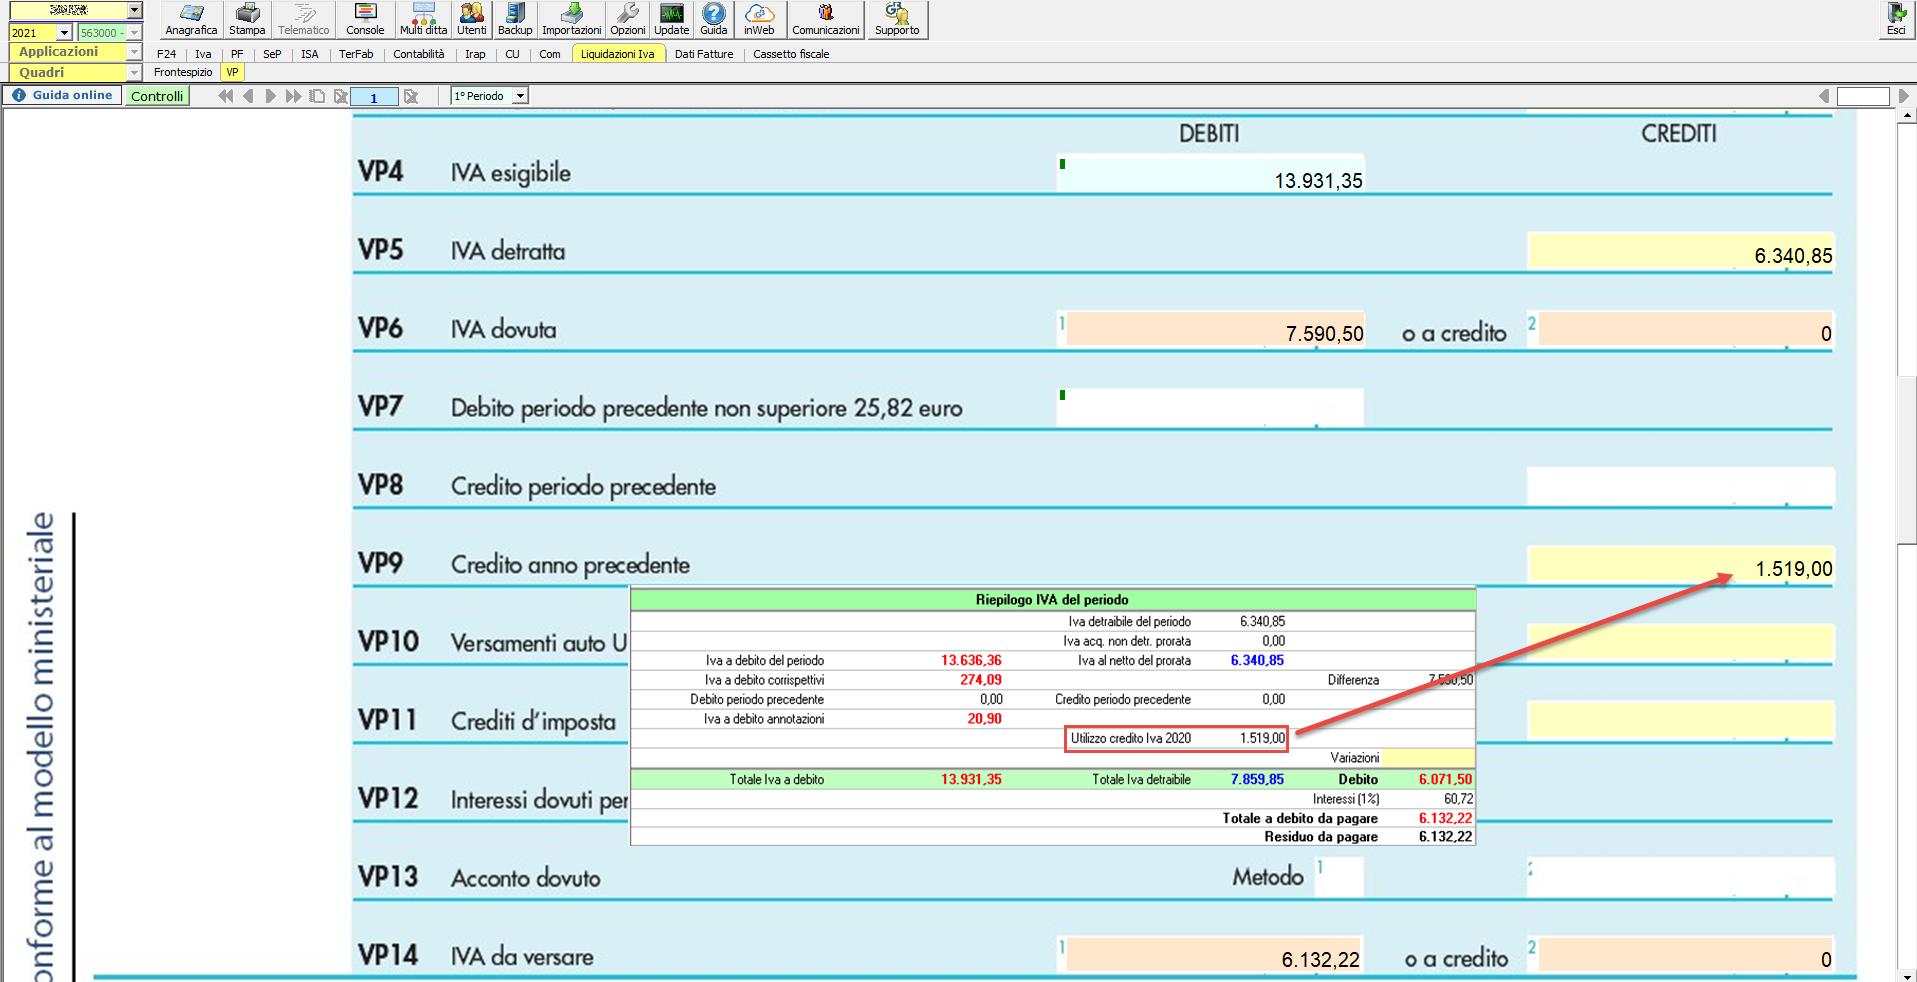 Li.Pe.: Credito Iva anno precedente e compilazione rigo VP9: Debito superiore al credito Iva